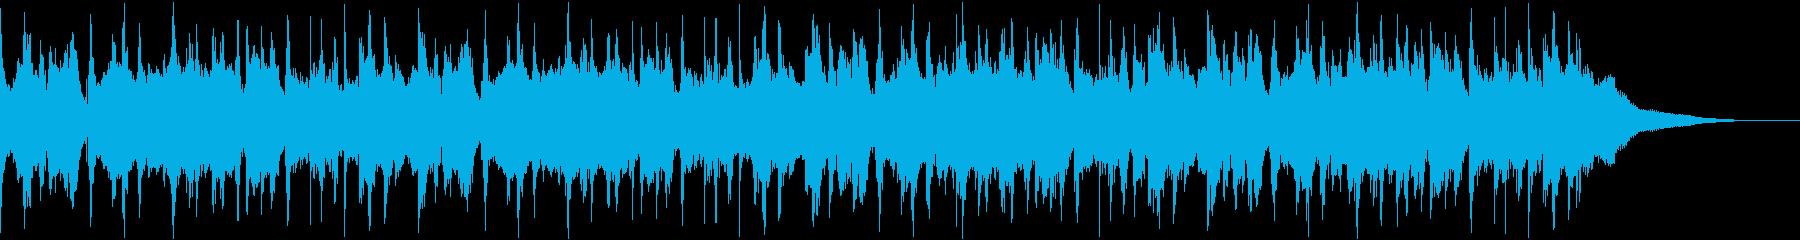 ウクレレとギターのポップスの再生済みの波形